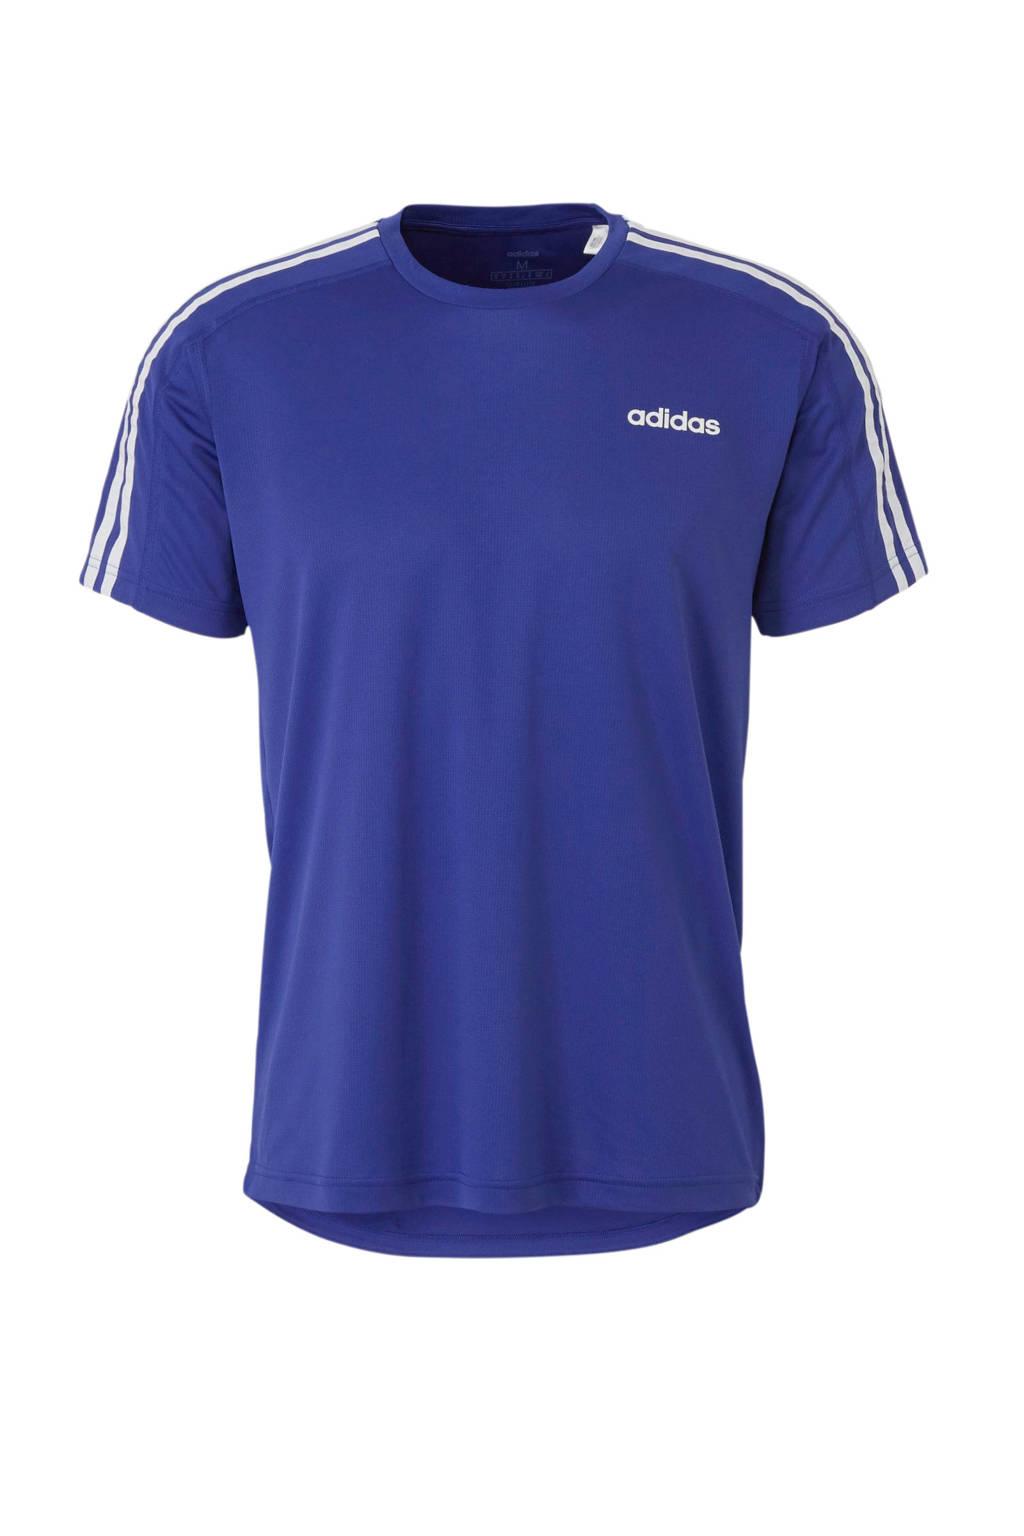 adidas performance   sport T-shirt zwart, Blauw